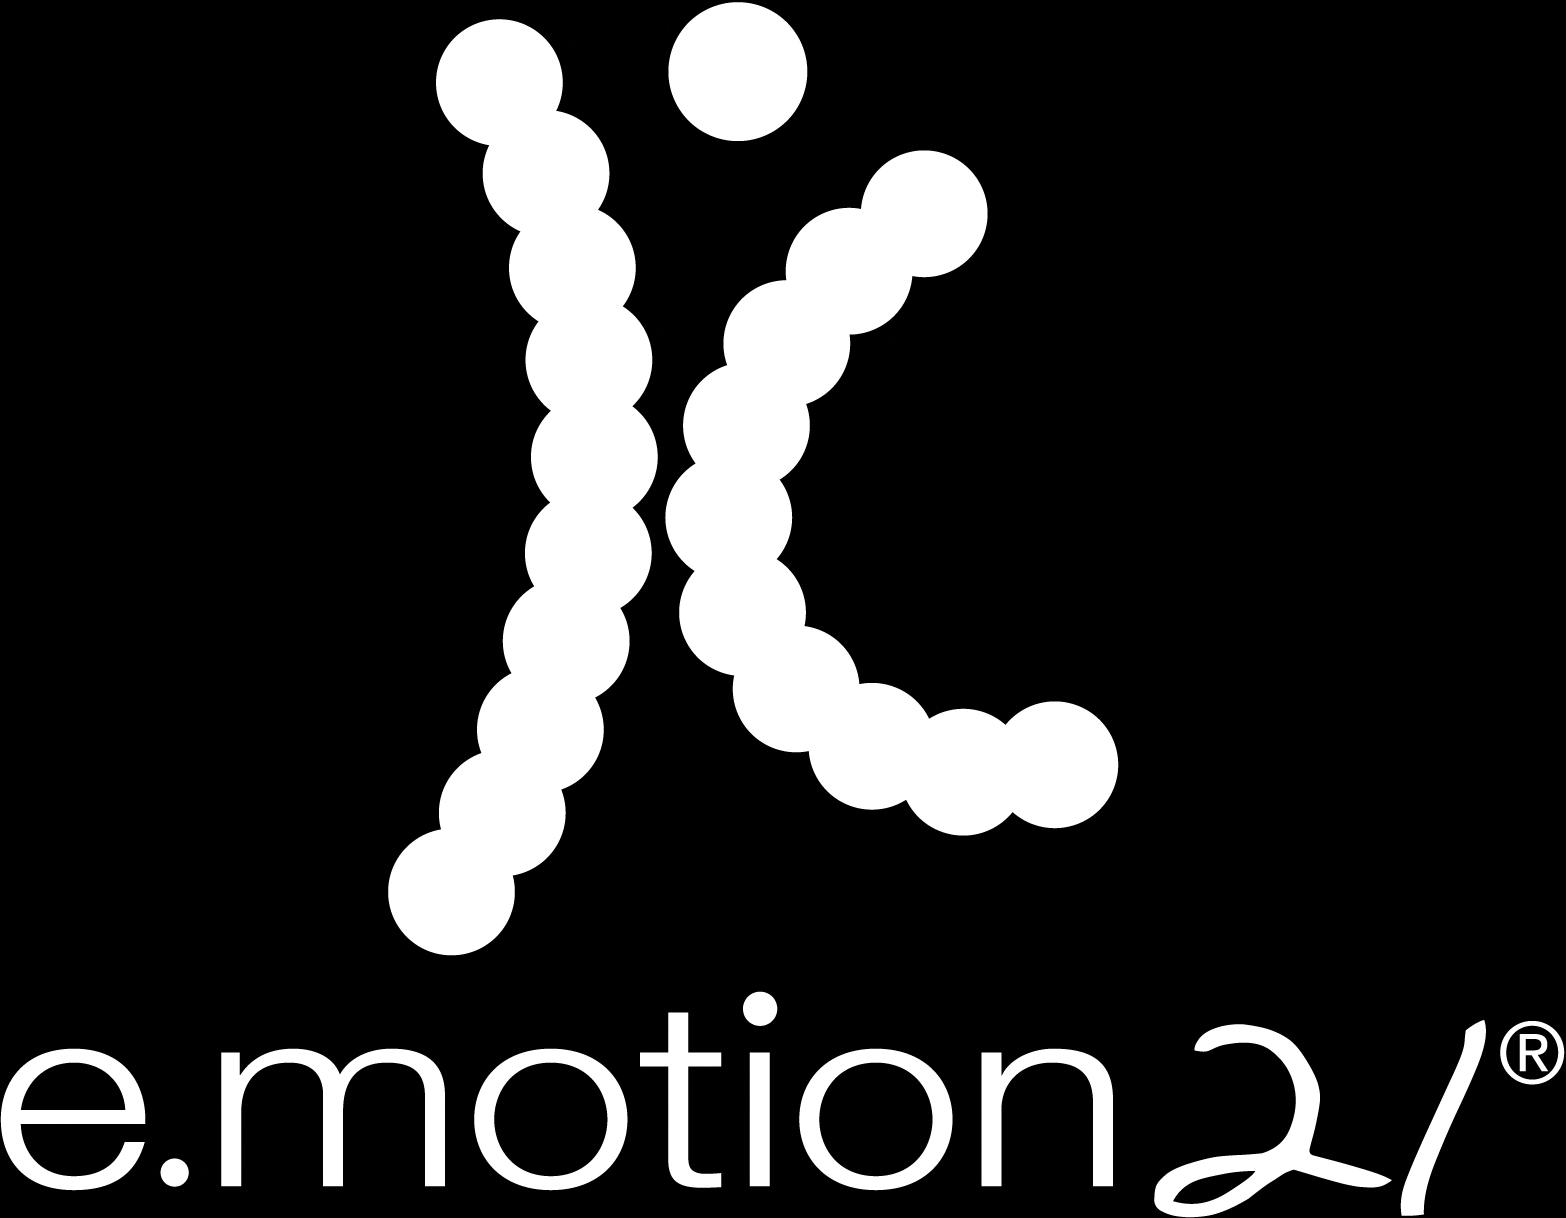 emotion 21